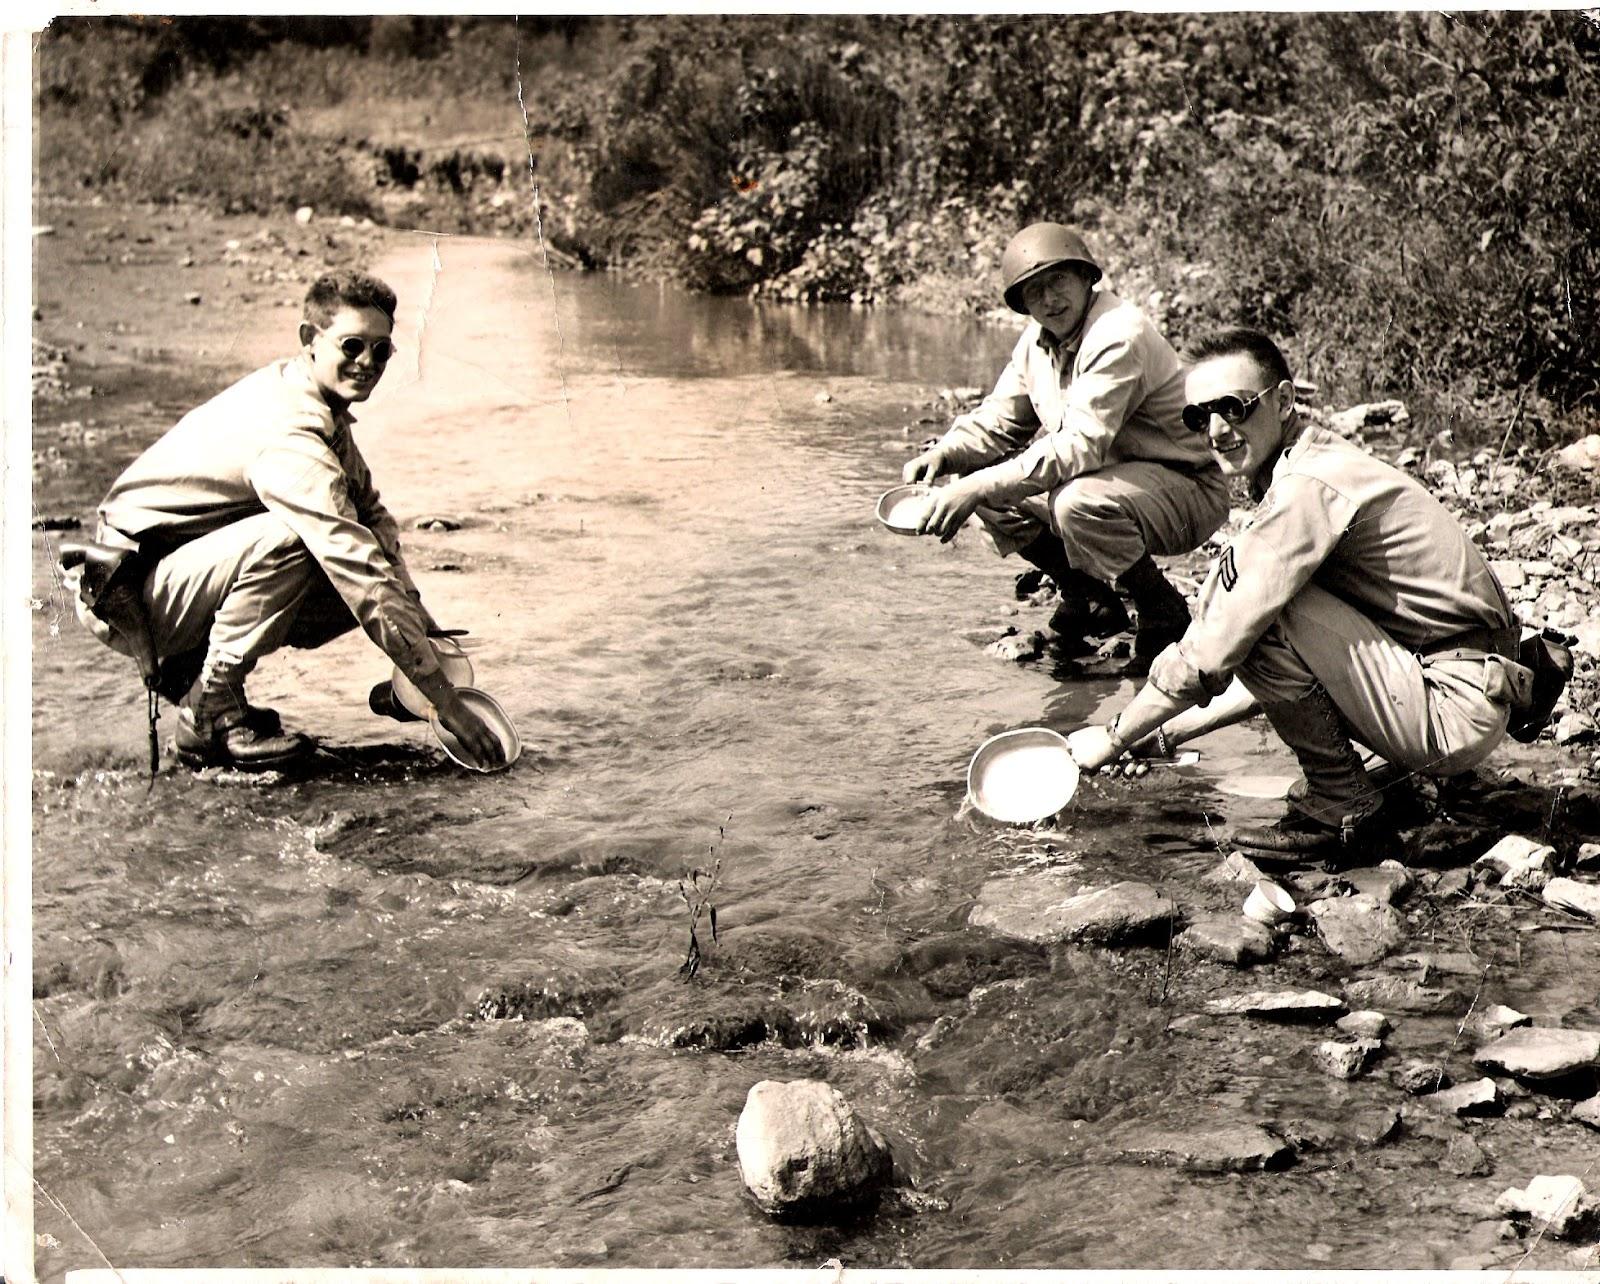 Mo State Guard bivouac ca 1945.jpg